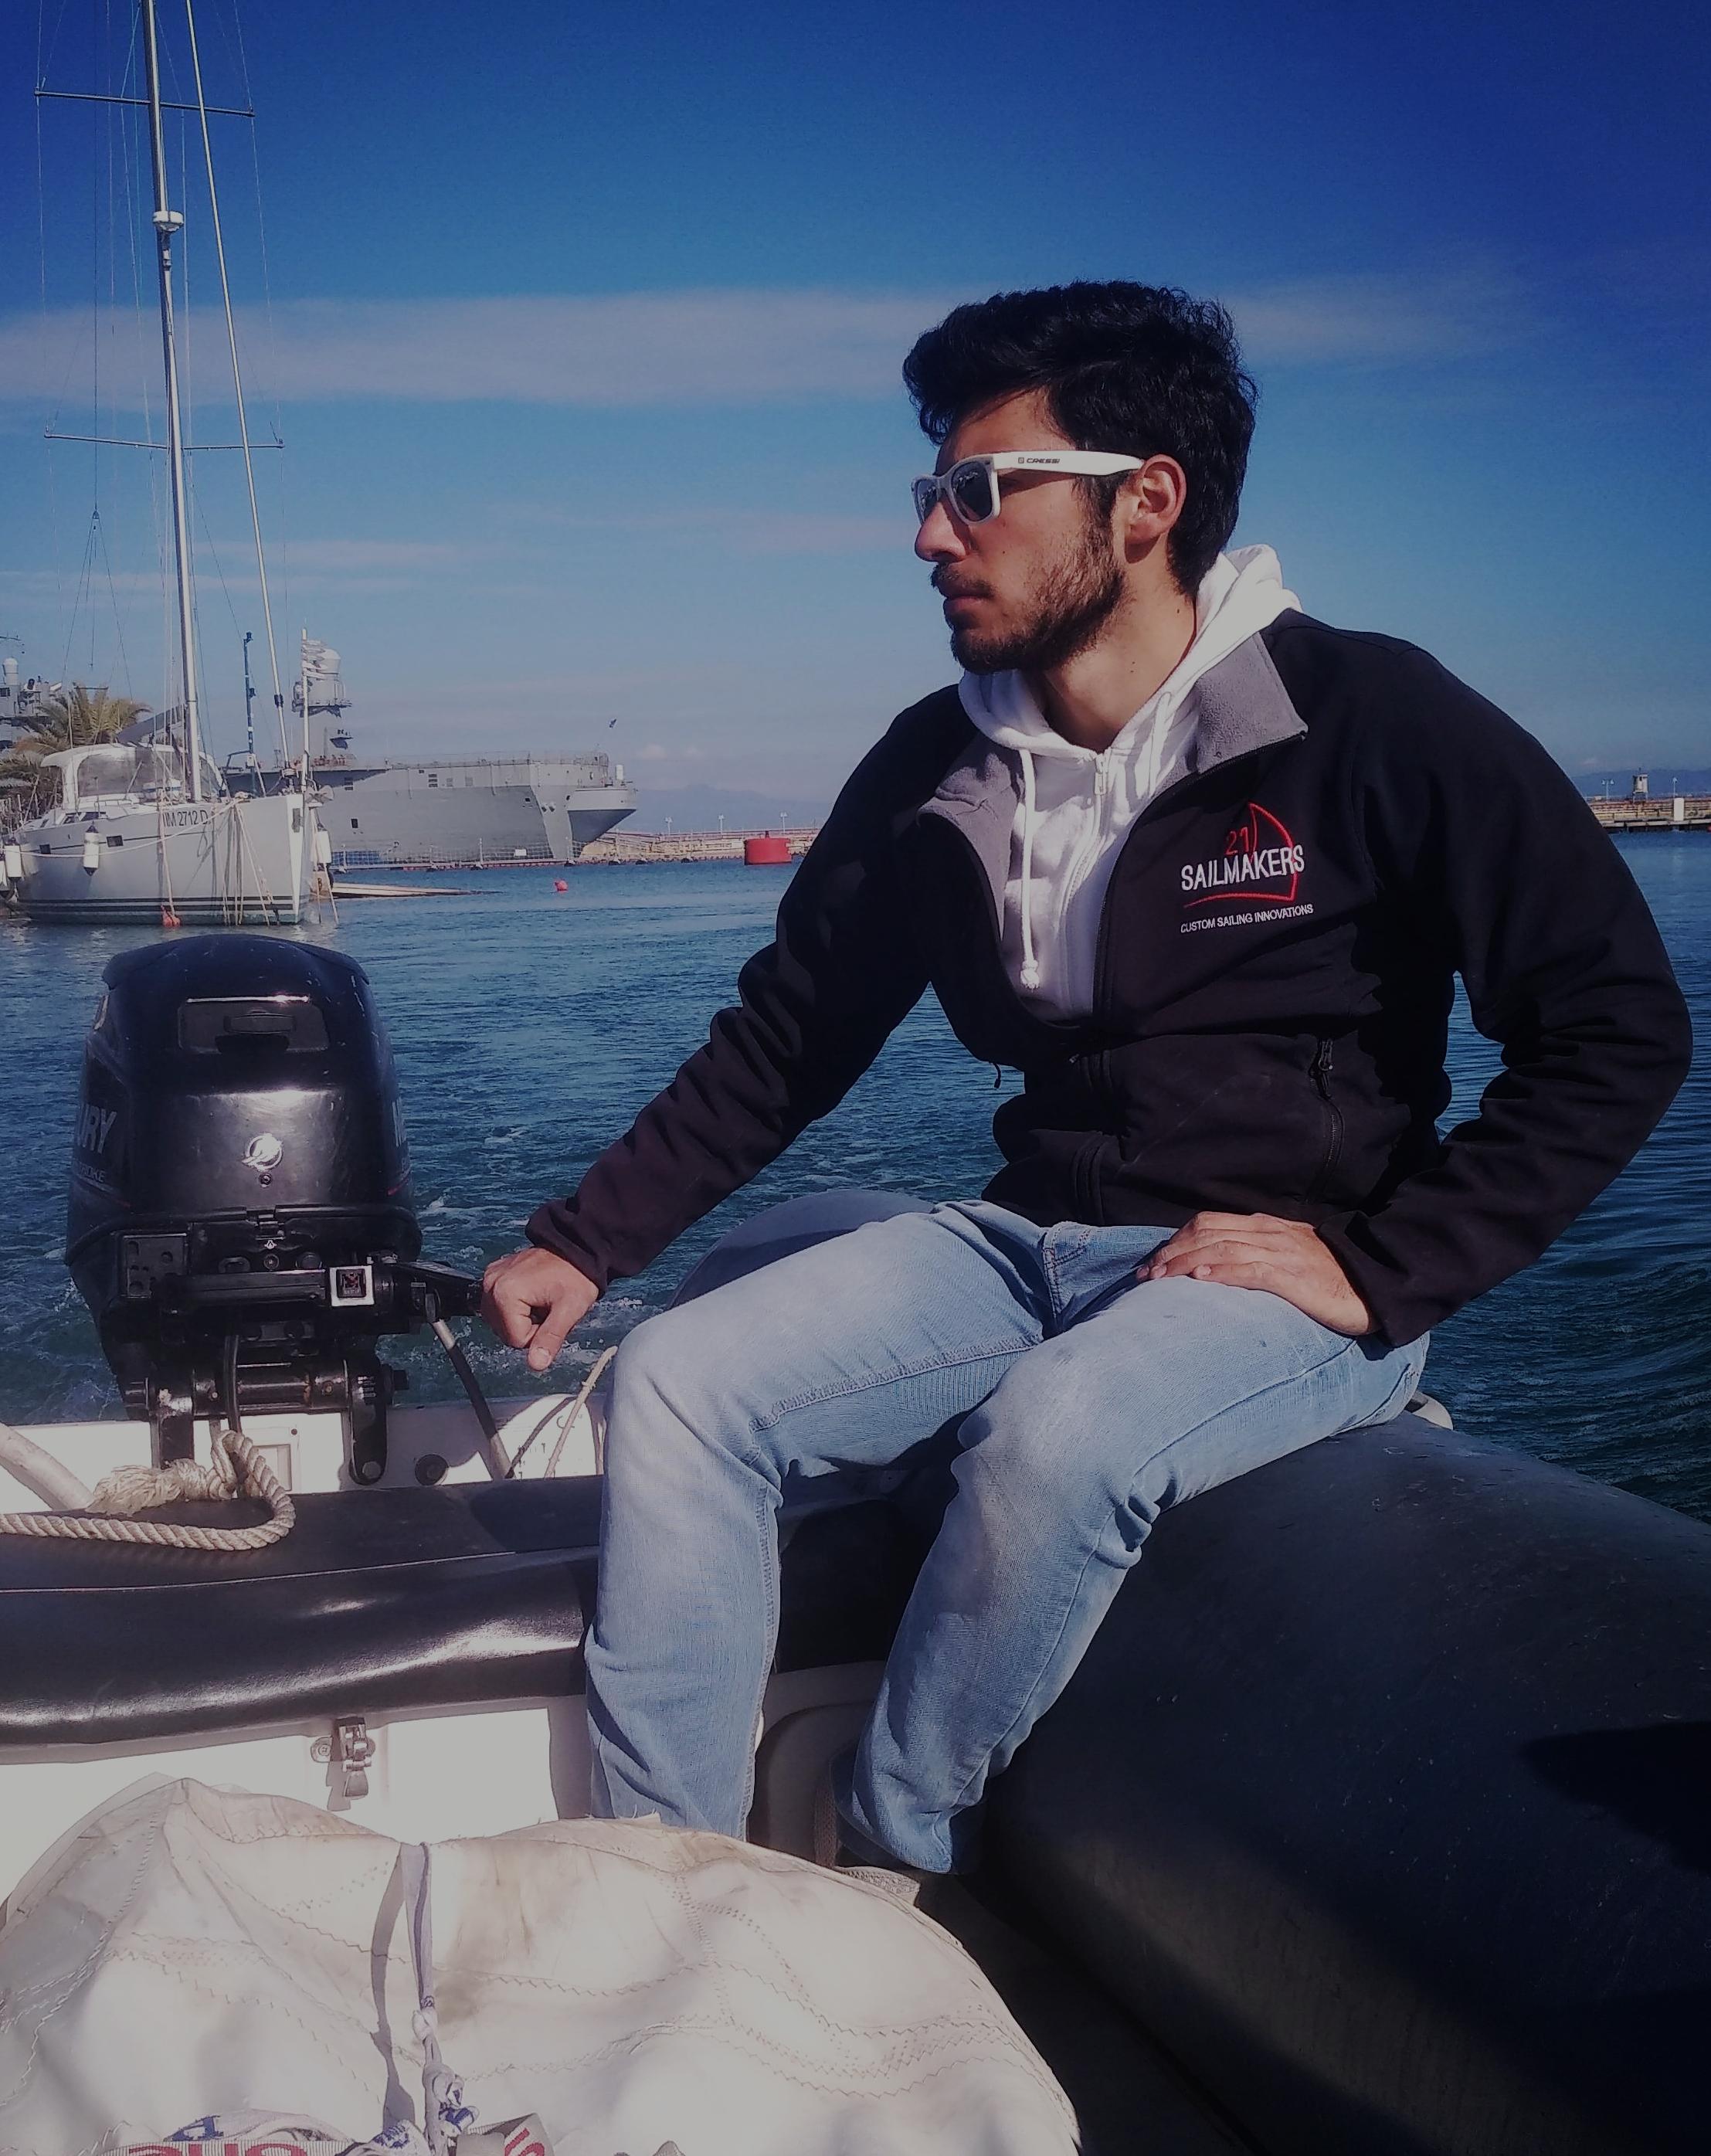 21sailmakers veleria-team-nello-tagliafierro-web